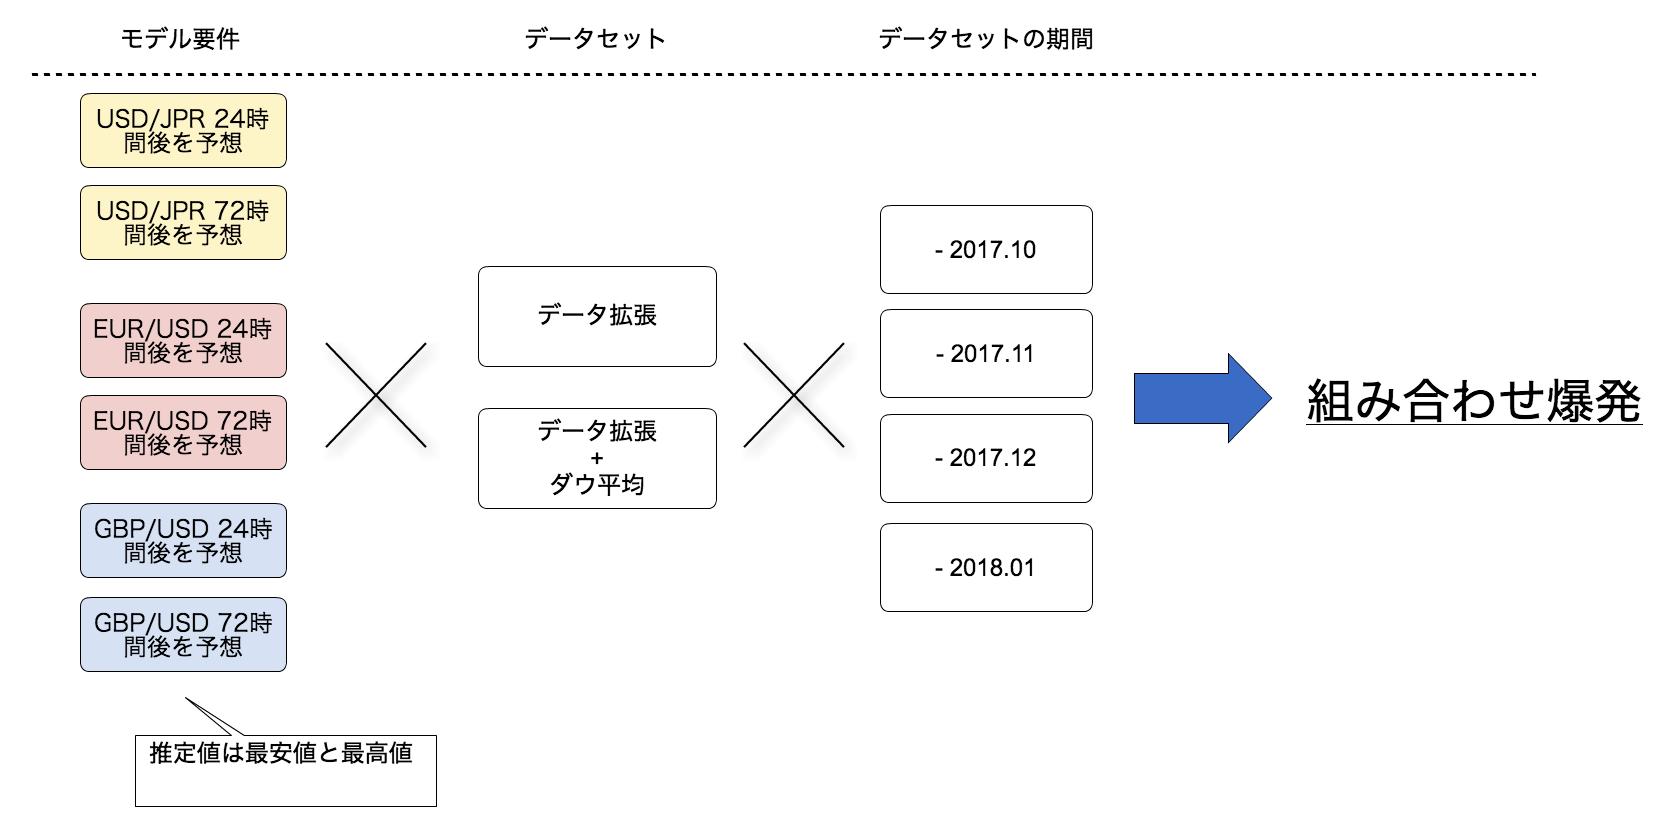 スクリーンショット 2018-02-11 3.04.04.png